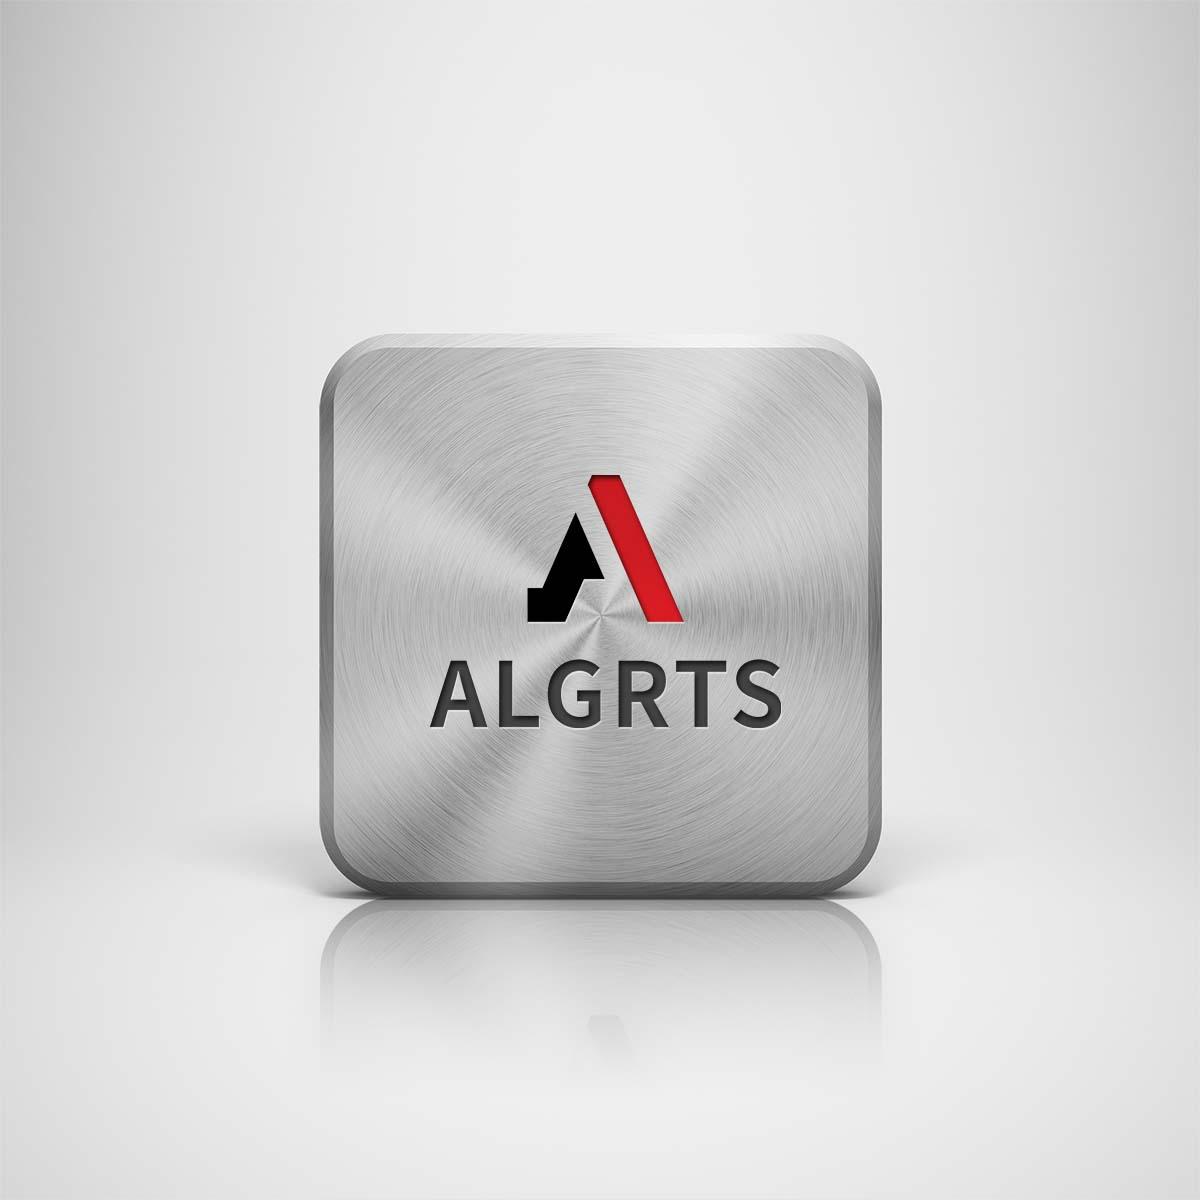 商标logo(内容有补充)_3036017_k68威客网